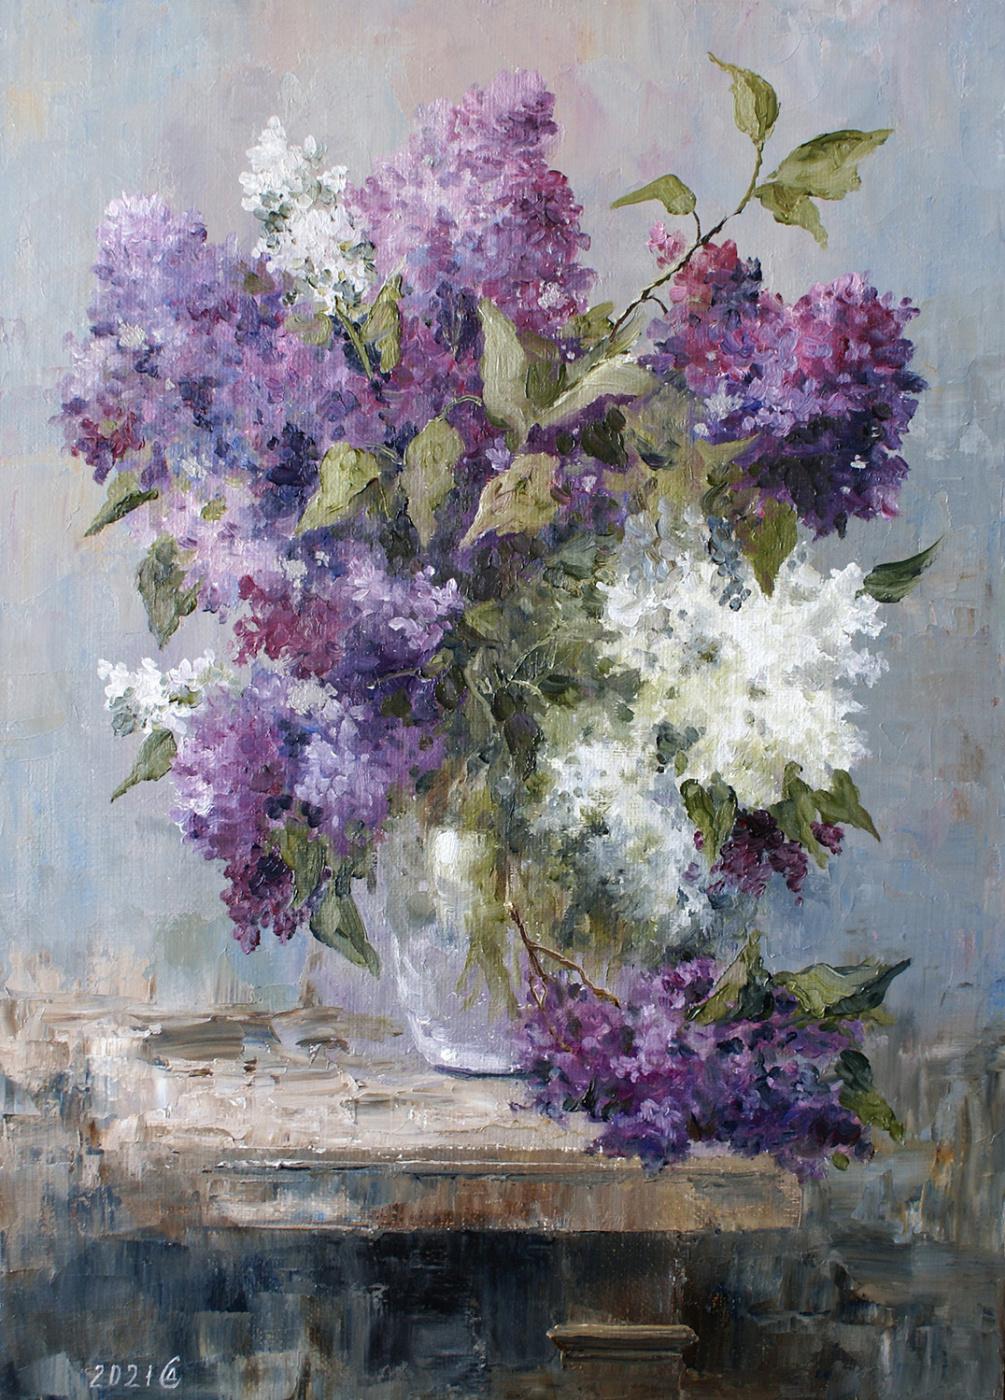 Сергей Владимирович Дорофеев. Etude with lilac